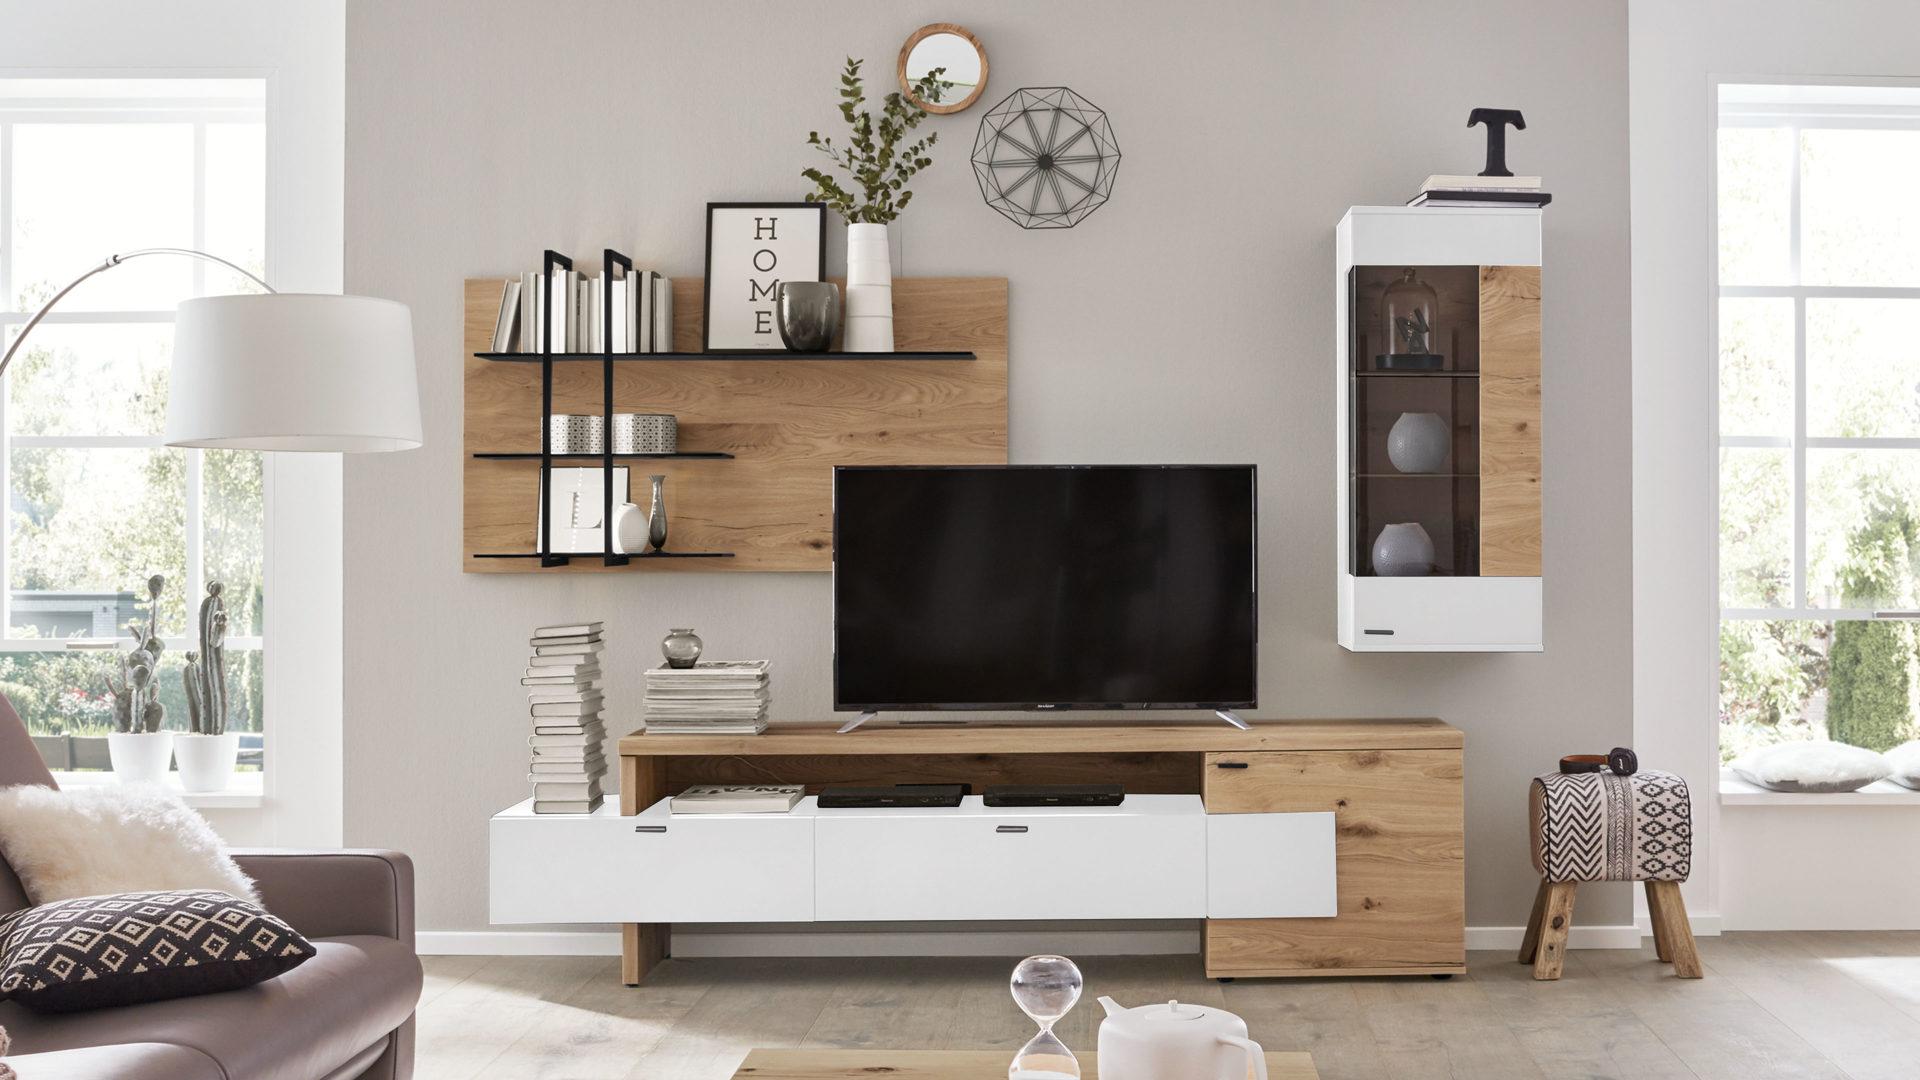 Interliving Wohnzimmer Serie 8 – Wohnkombination, weiße Lackoberflächen  & Balkeneiche – dreiteilig, ca. 8 cm